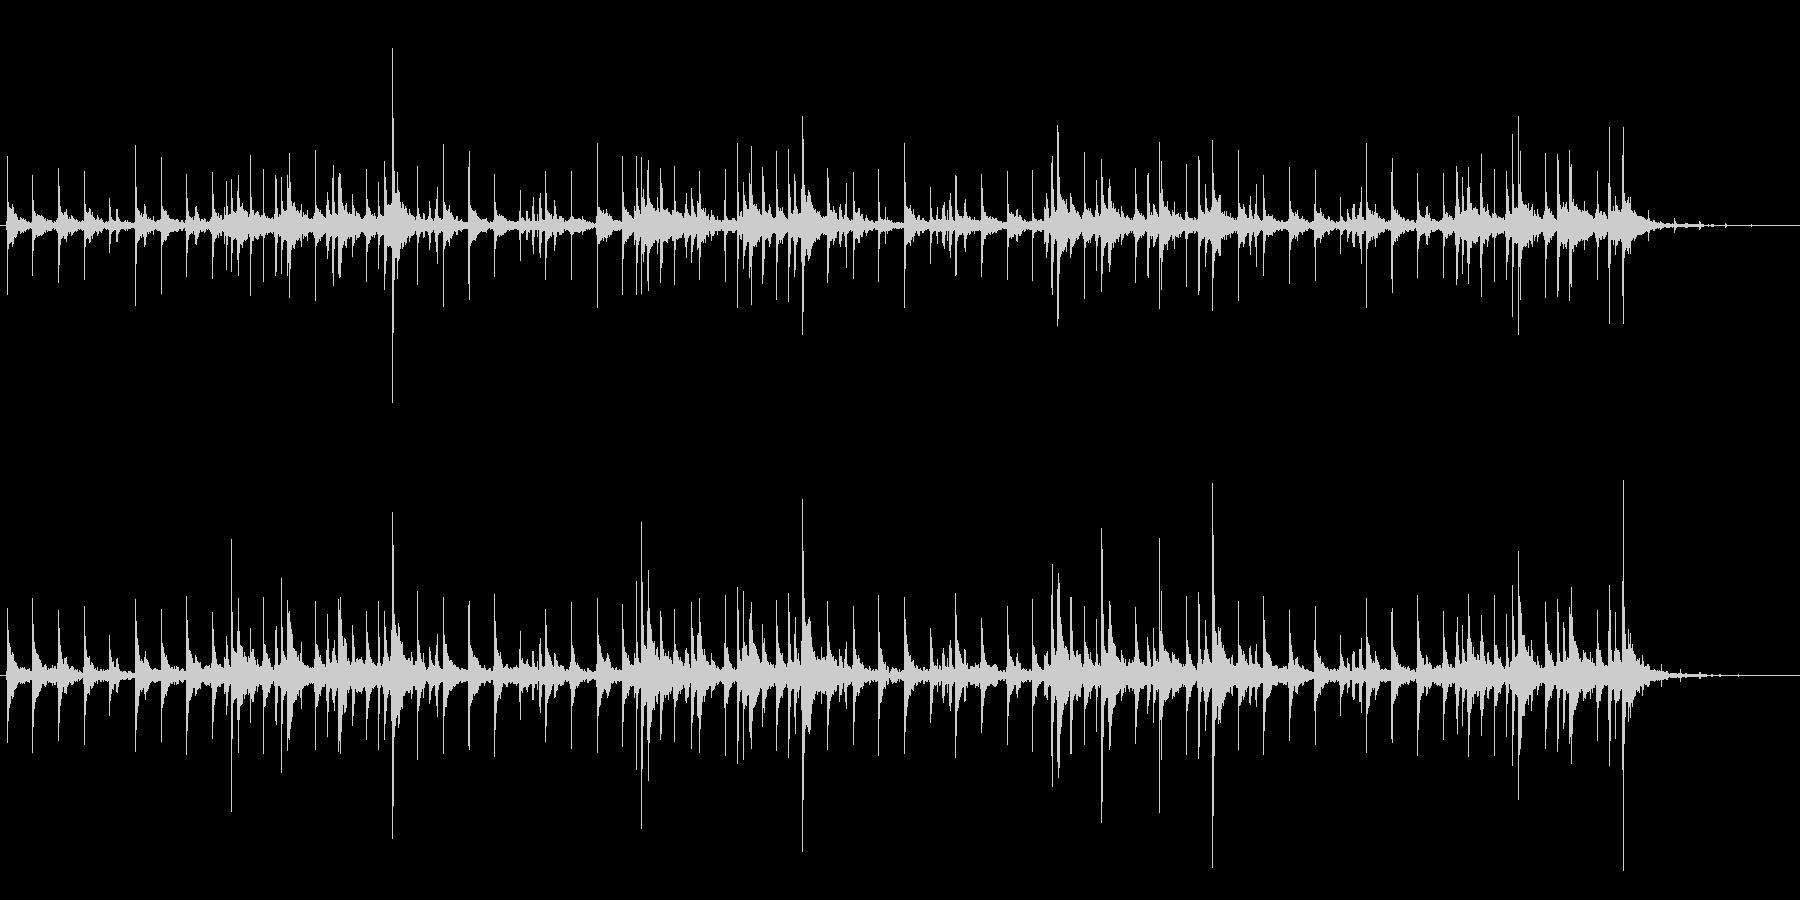 考え中の音楽の未再生の波形